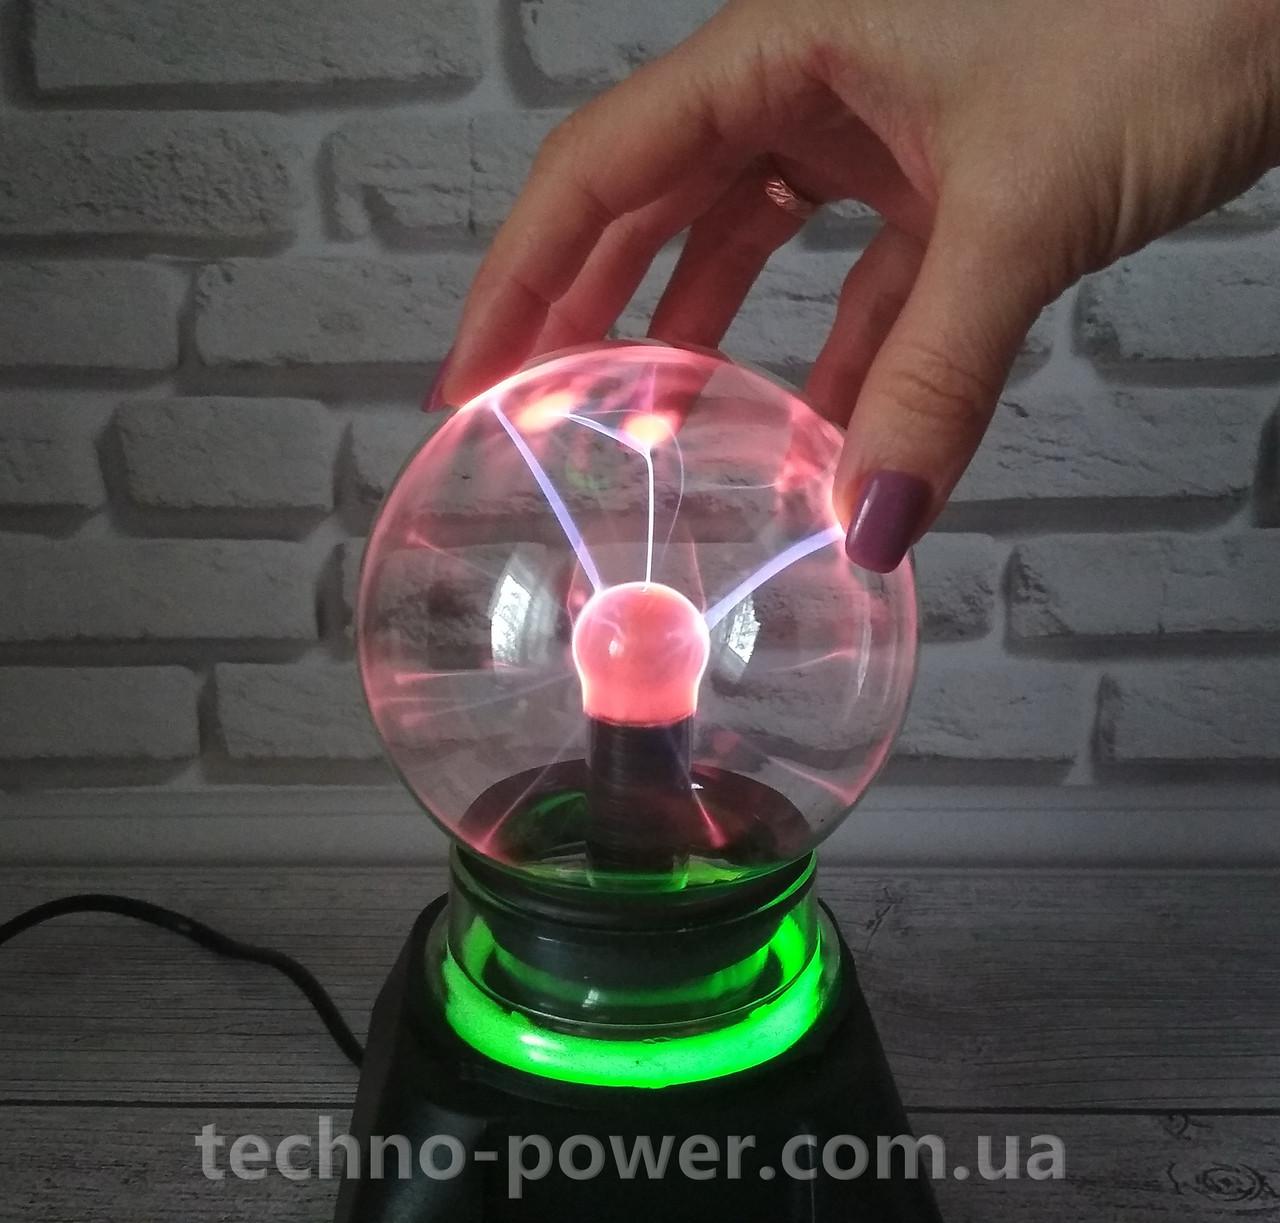 Плазменный шар Ночник Plasma Ball с подсветкой